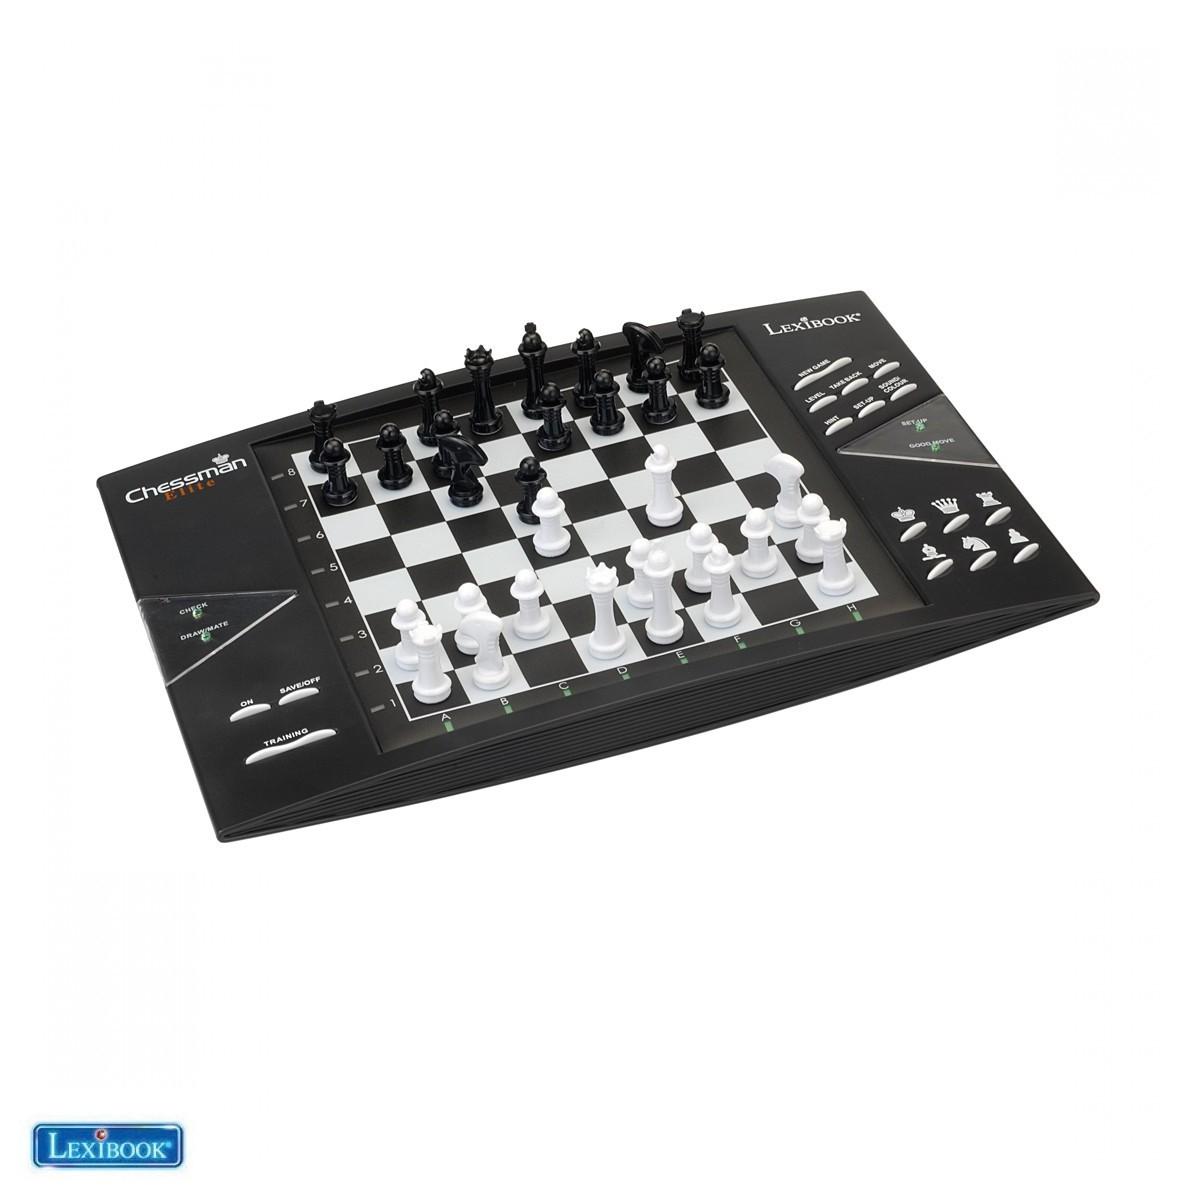 ChessMan® Elite, Jeu d'échecs électronique avec clavier sensoriel - Lexibook